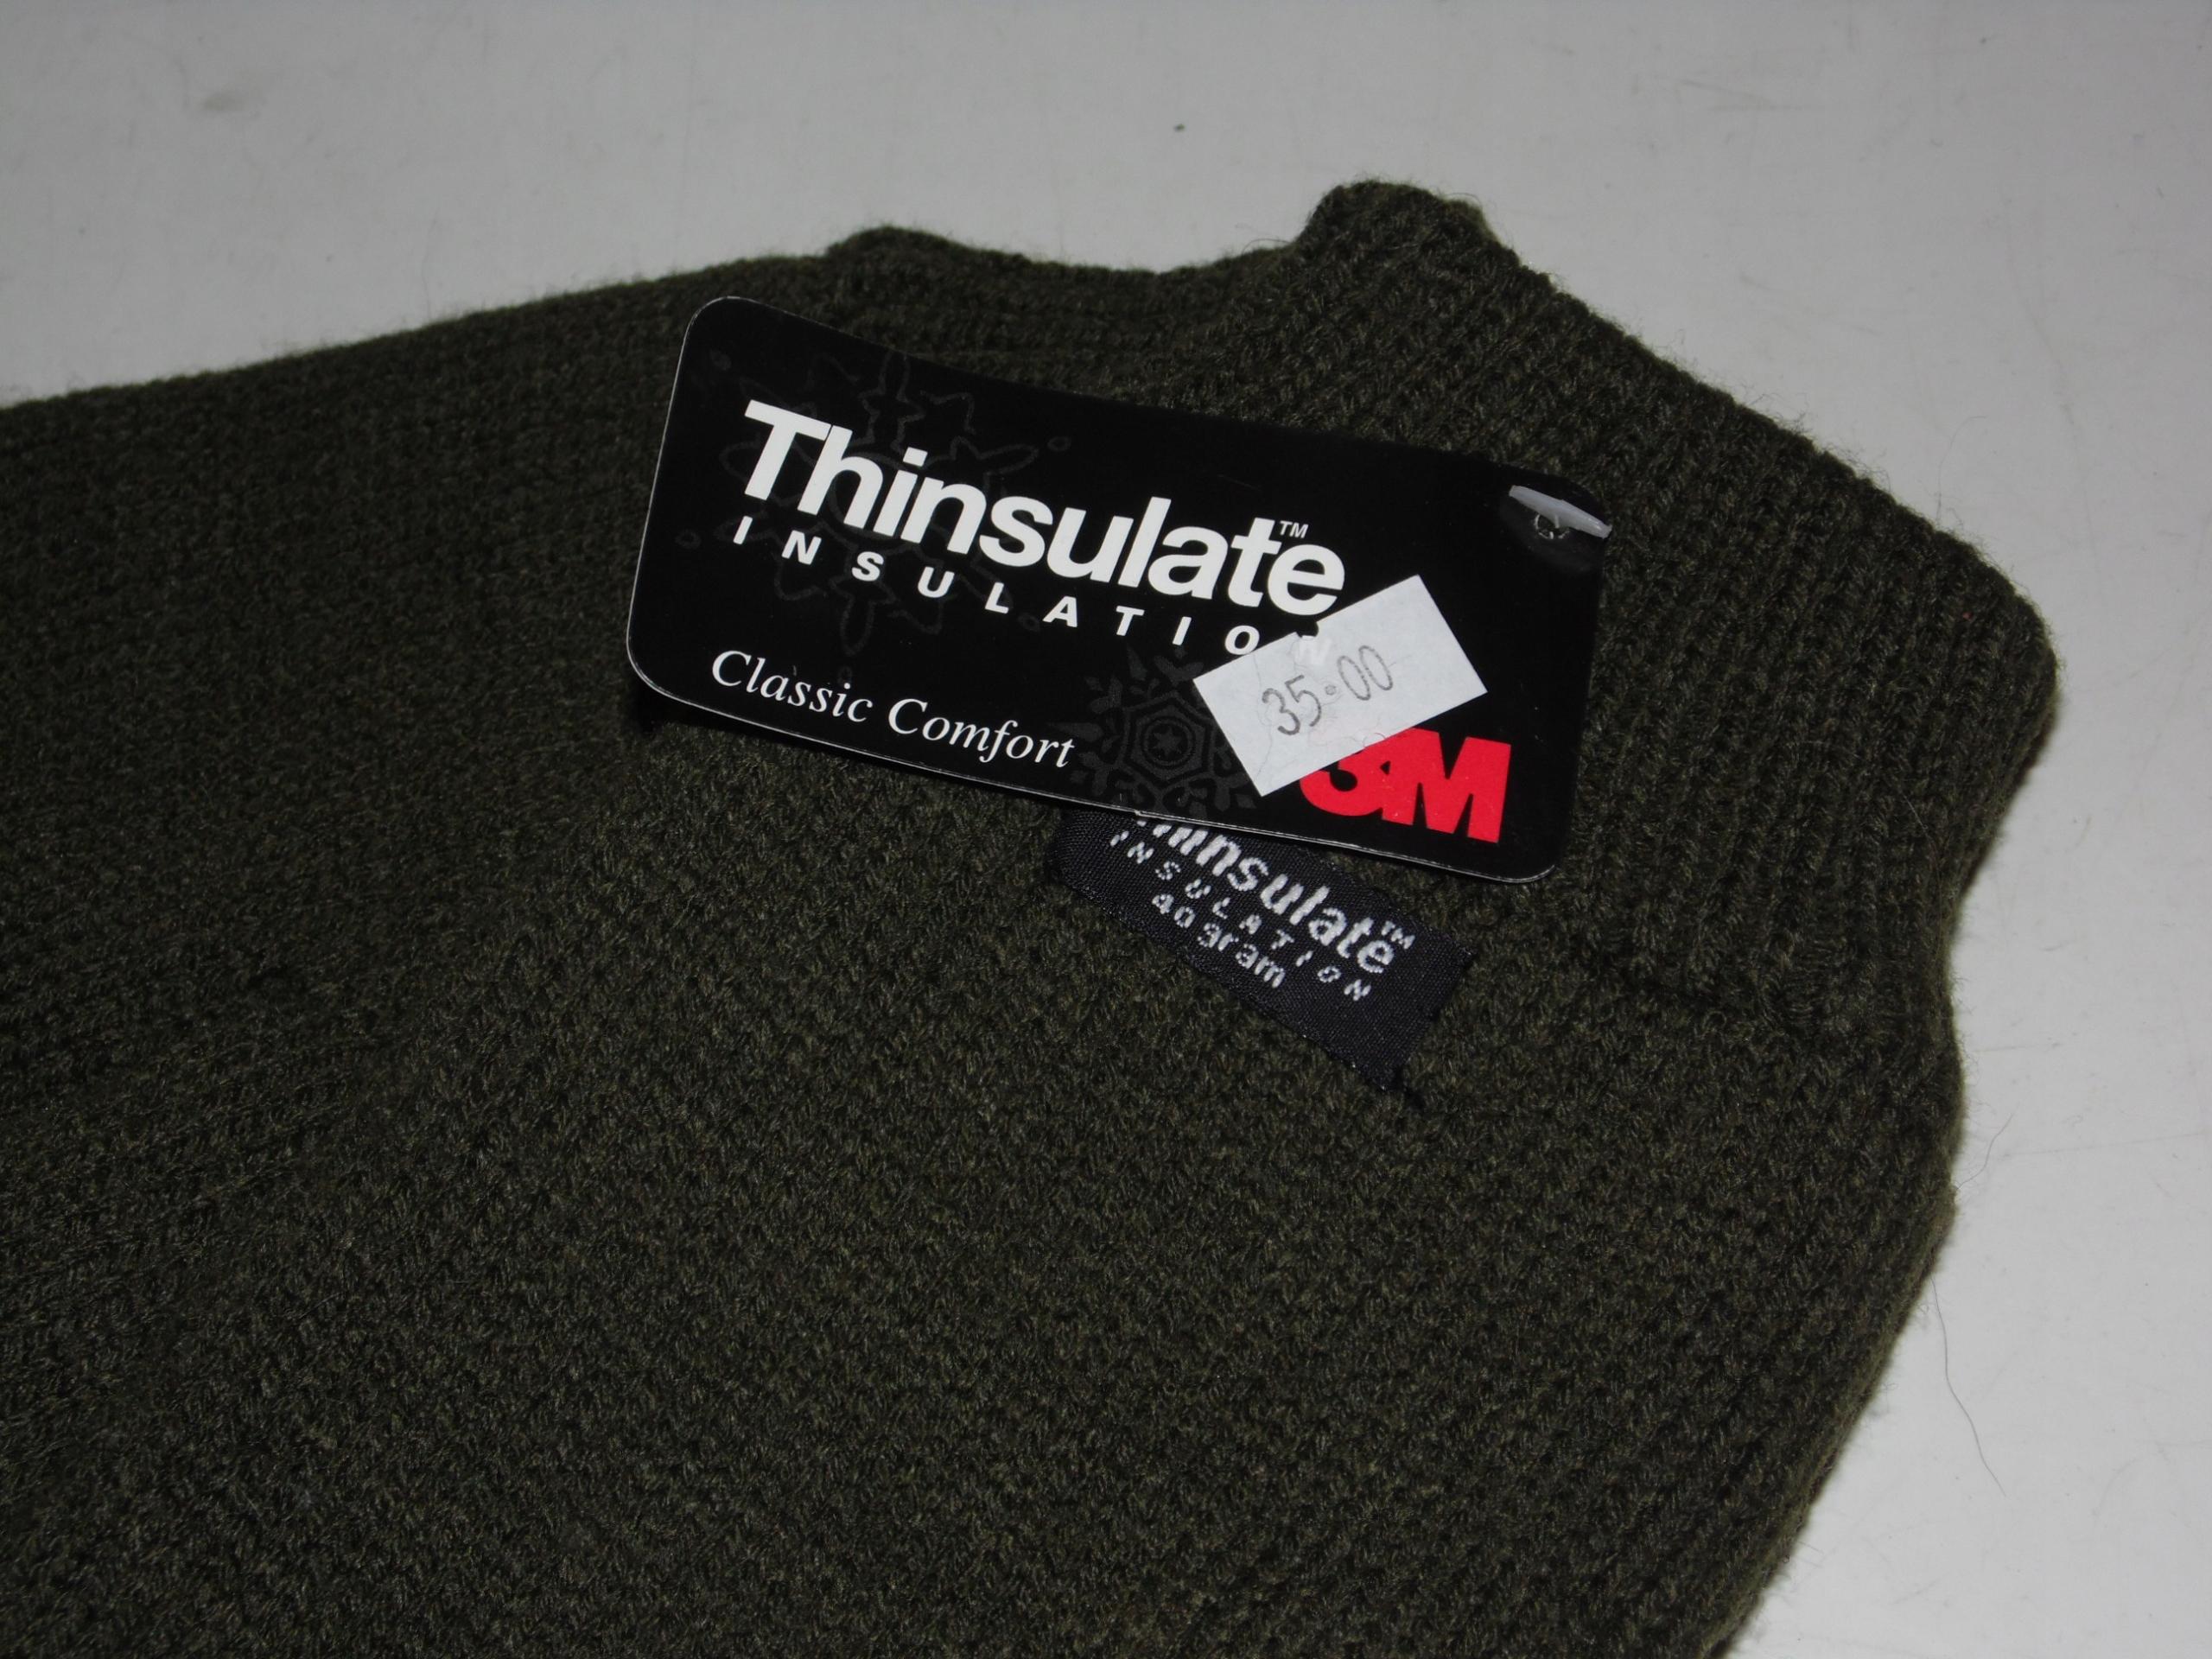 8d2c24932d1e45 Rękawiczki 3M Thinsulate dzianinowe ciepłe 1331 - 7703691396 ...